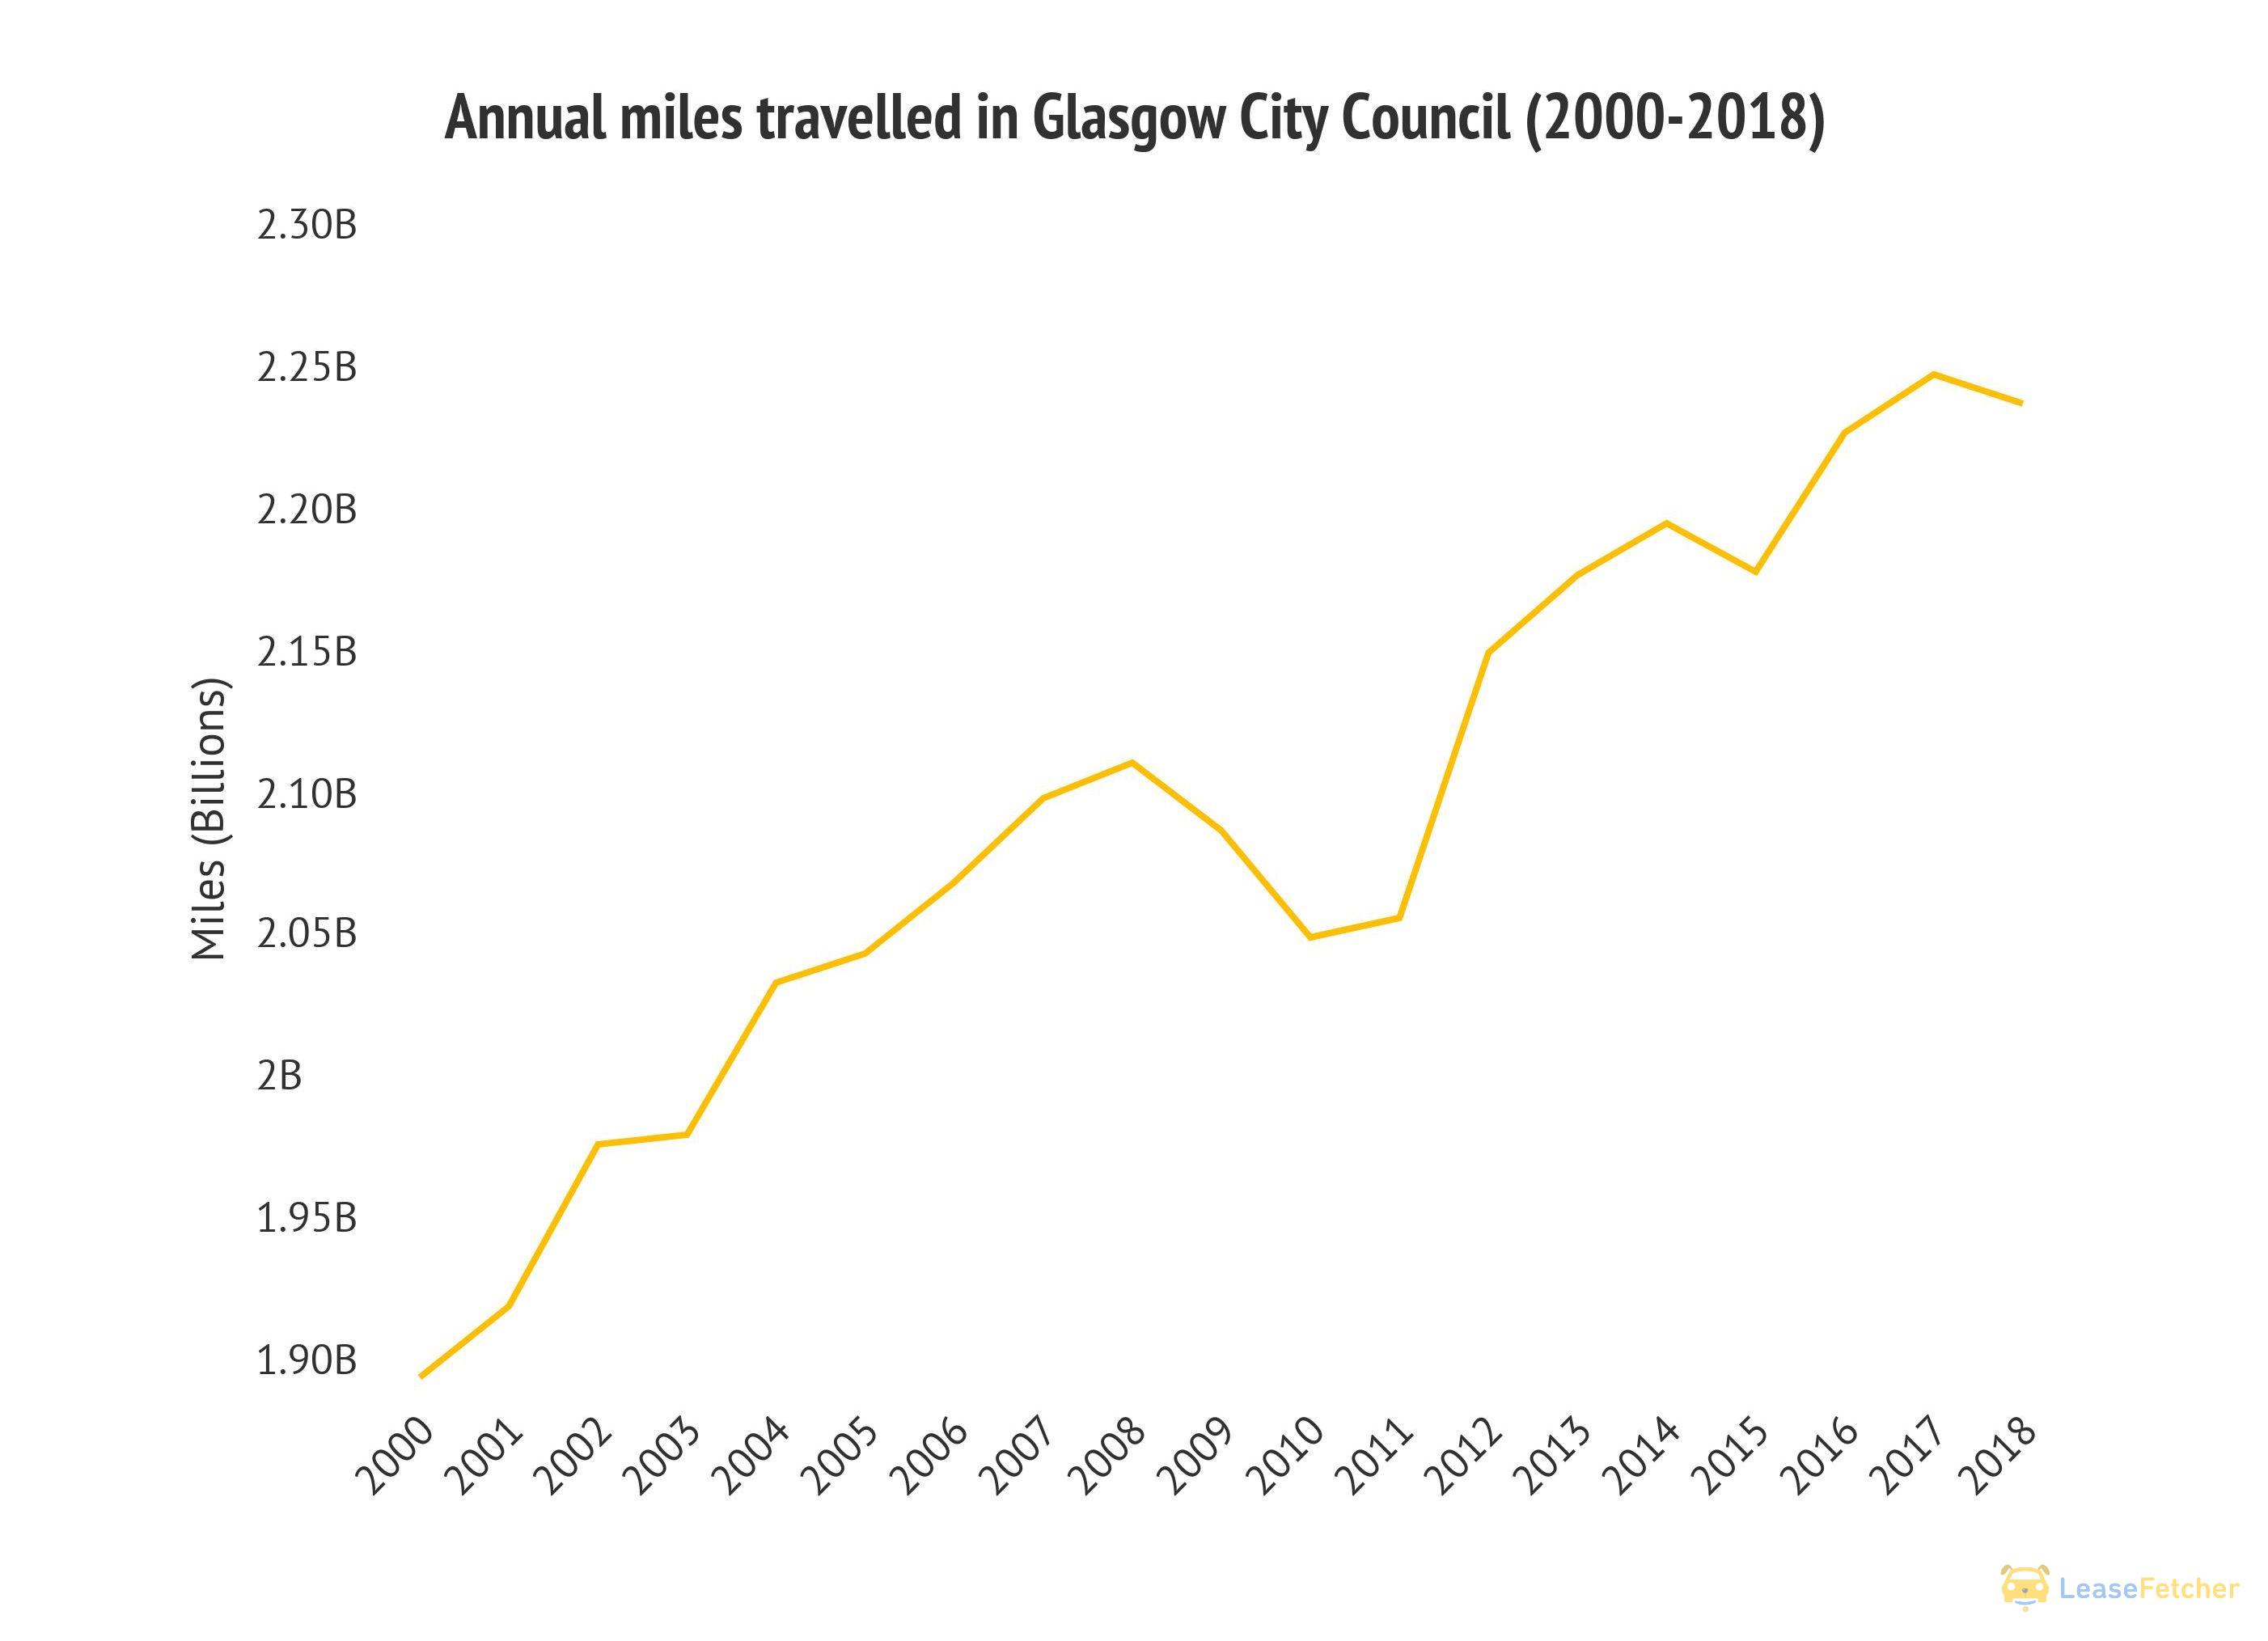 Glasgow City Council miles